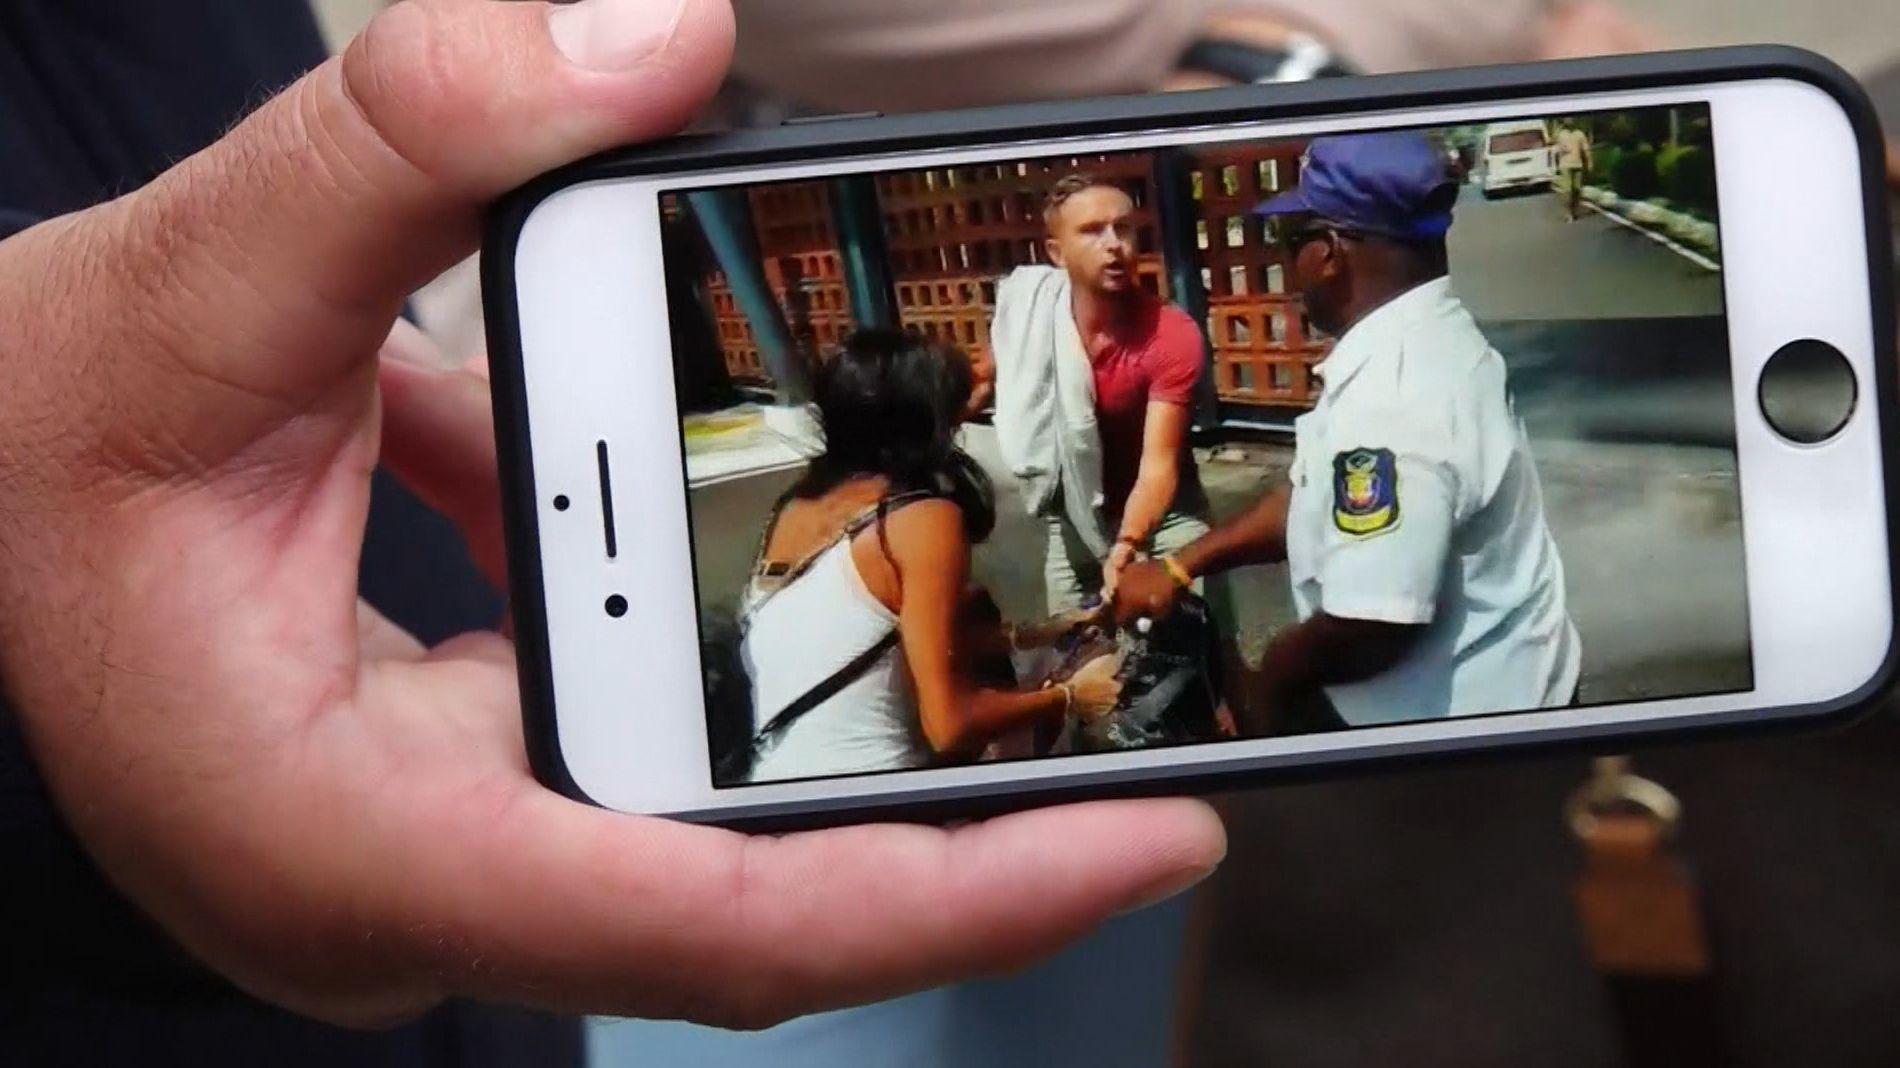 Auf einem privaten Handyvideo ist zu sehen, wie ein Security-Mitarbeiter Urlauber gewaltsam an der ABreise hindern will.